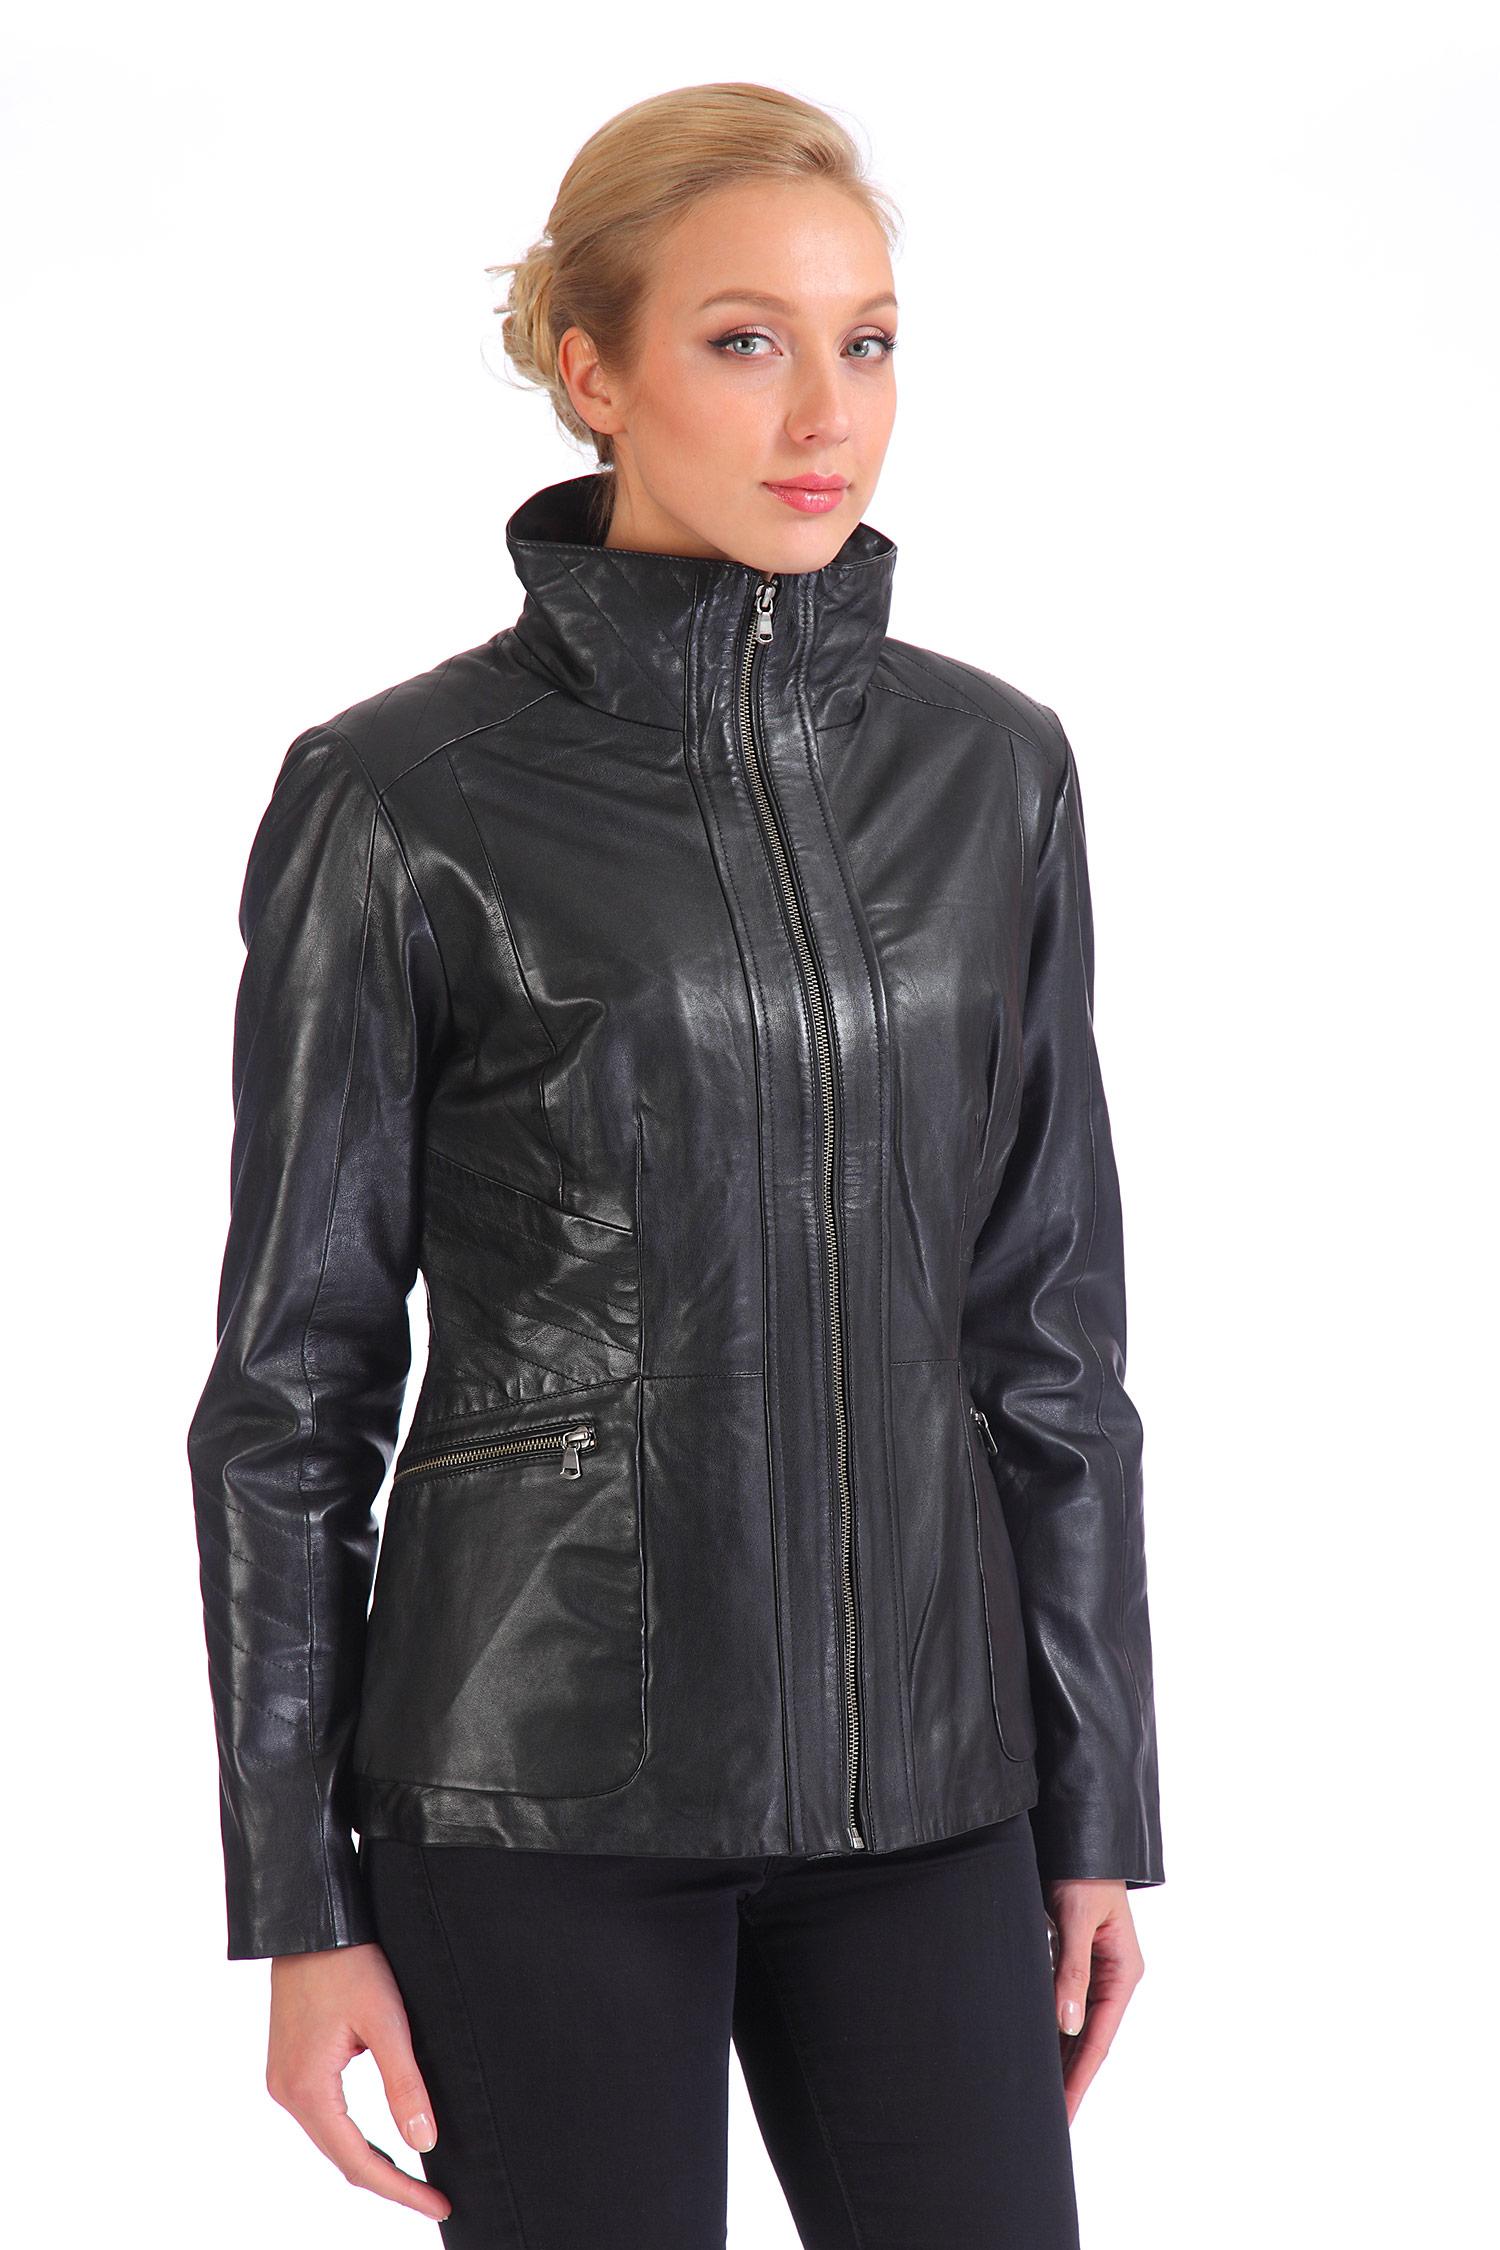 Женская кожаная куртка из натуральной кожи с воротником, без отделки<br><br>Воротник: стойка<br>Длина см: Короткая (51-74 )<br>Материал: Кожа овчина<br>Цвет: черный<br>Пол: Женский<br>Размер RU: 38-40